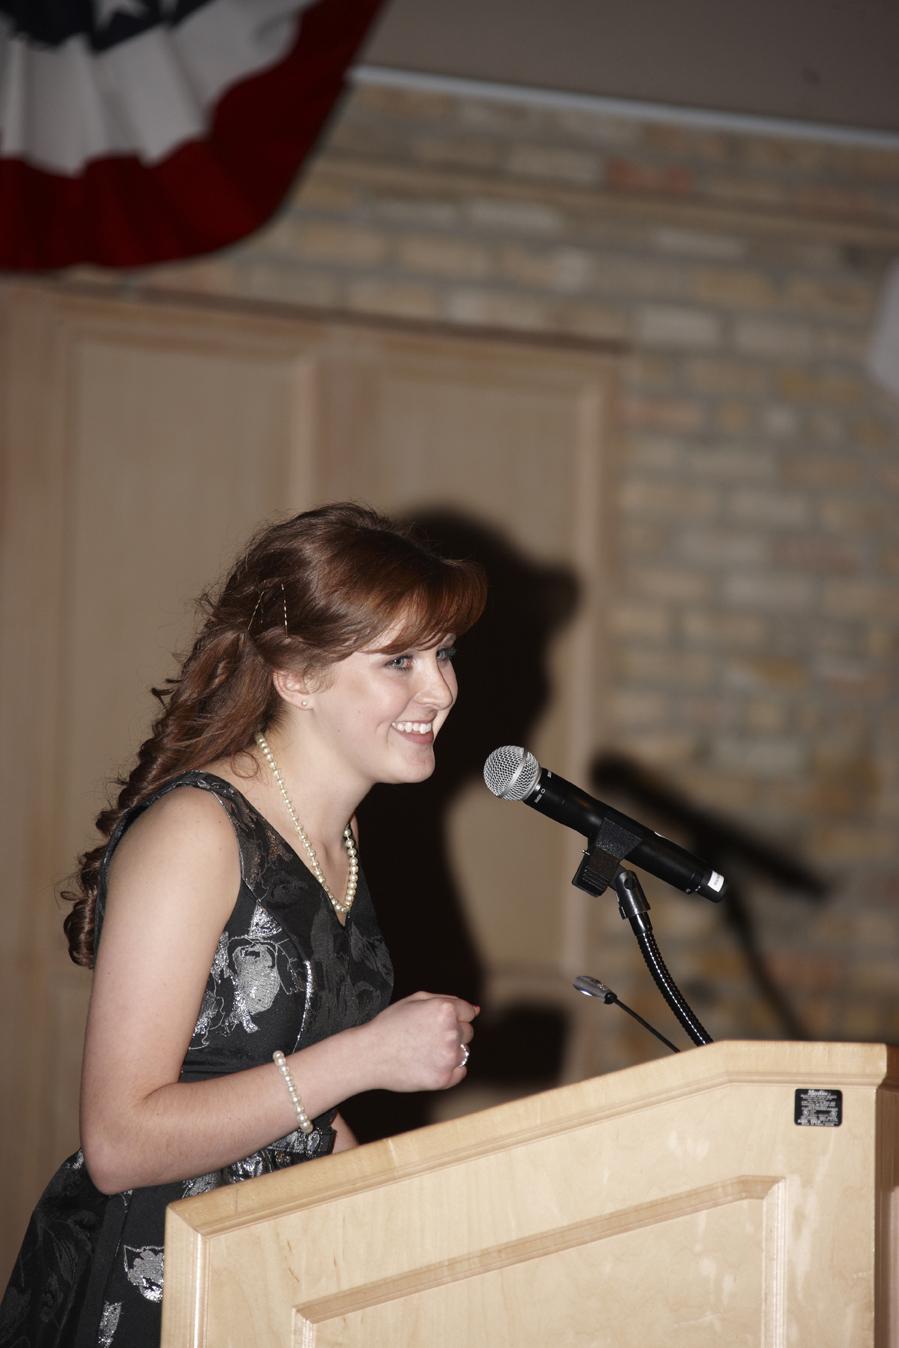 McKaela Laxen, Chesterton Academy Class of 2012